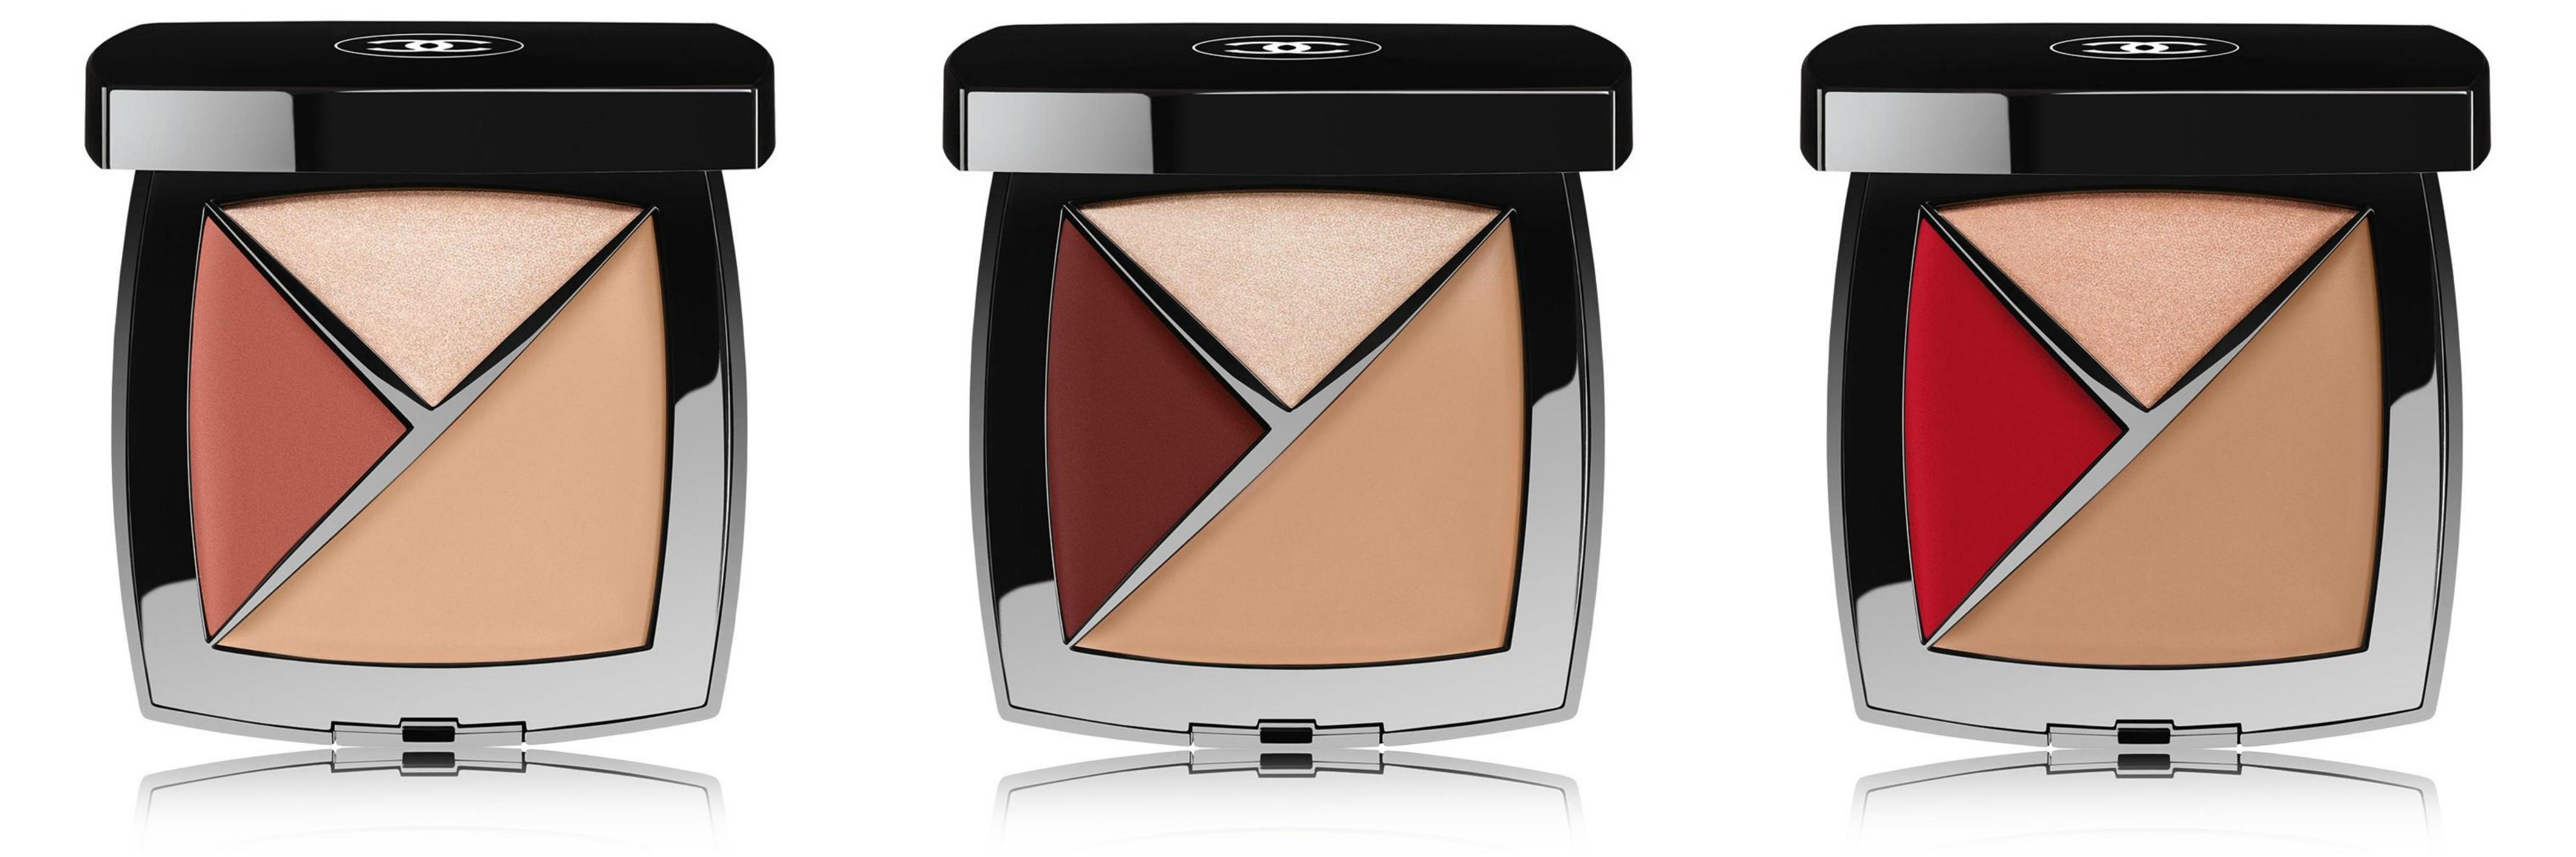 Beauty Shooting: Los colores de un viaje en la piel, cortesía de Chanel - image chanel_vanidad_1 on https://www.vanidad.es